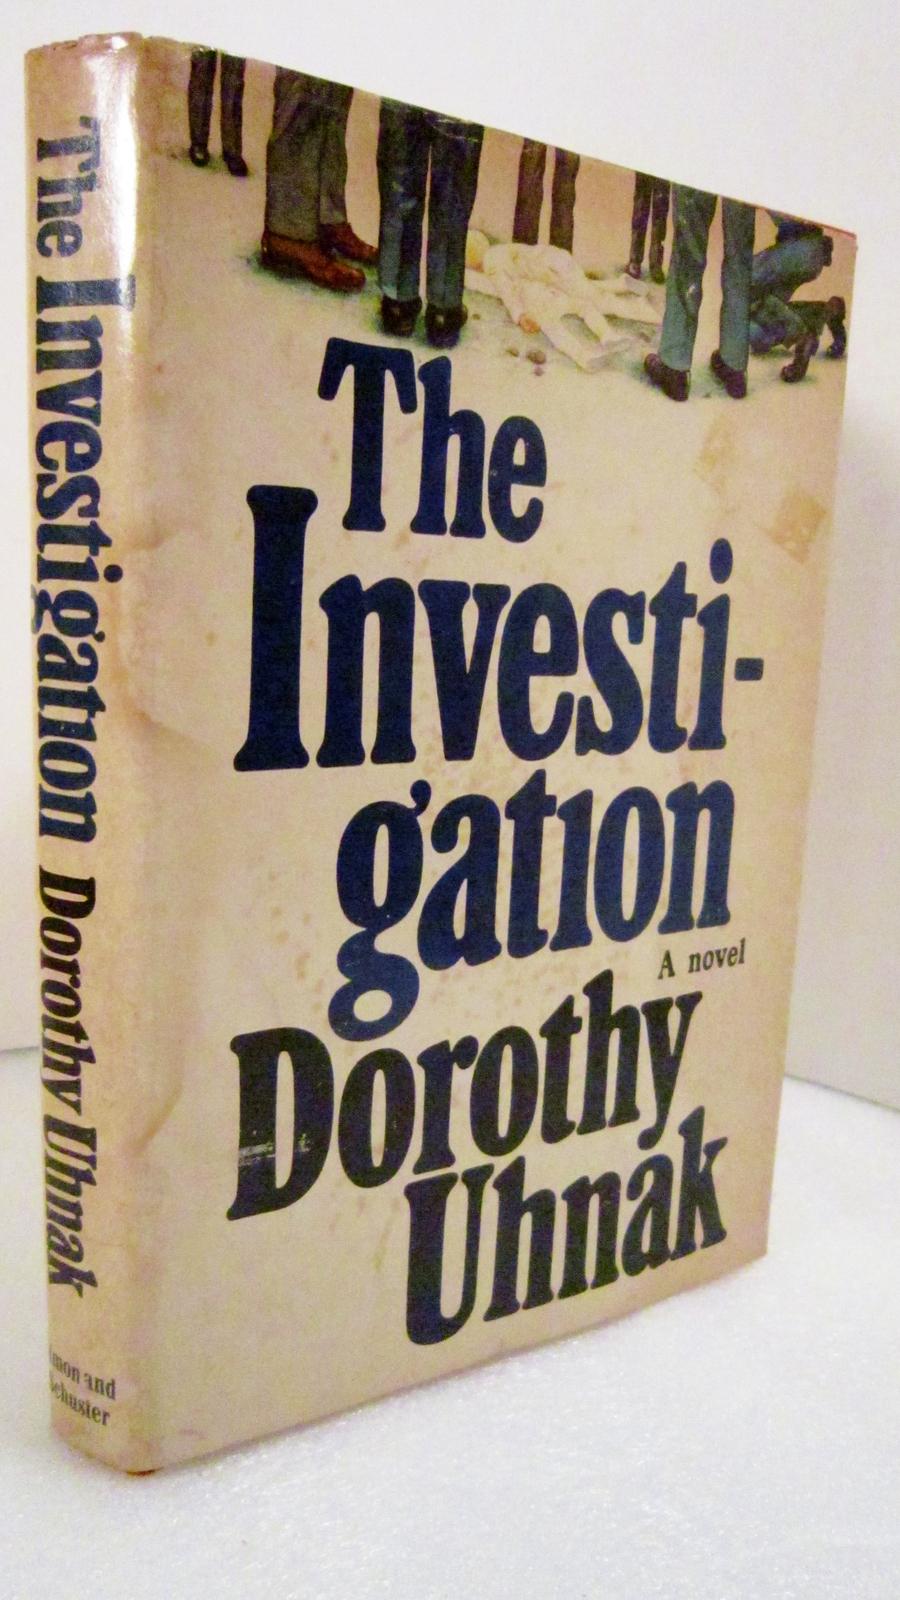 The investigation 1977 dorothy uhnak 01